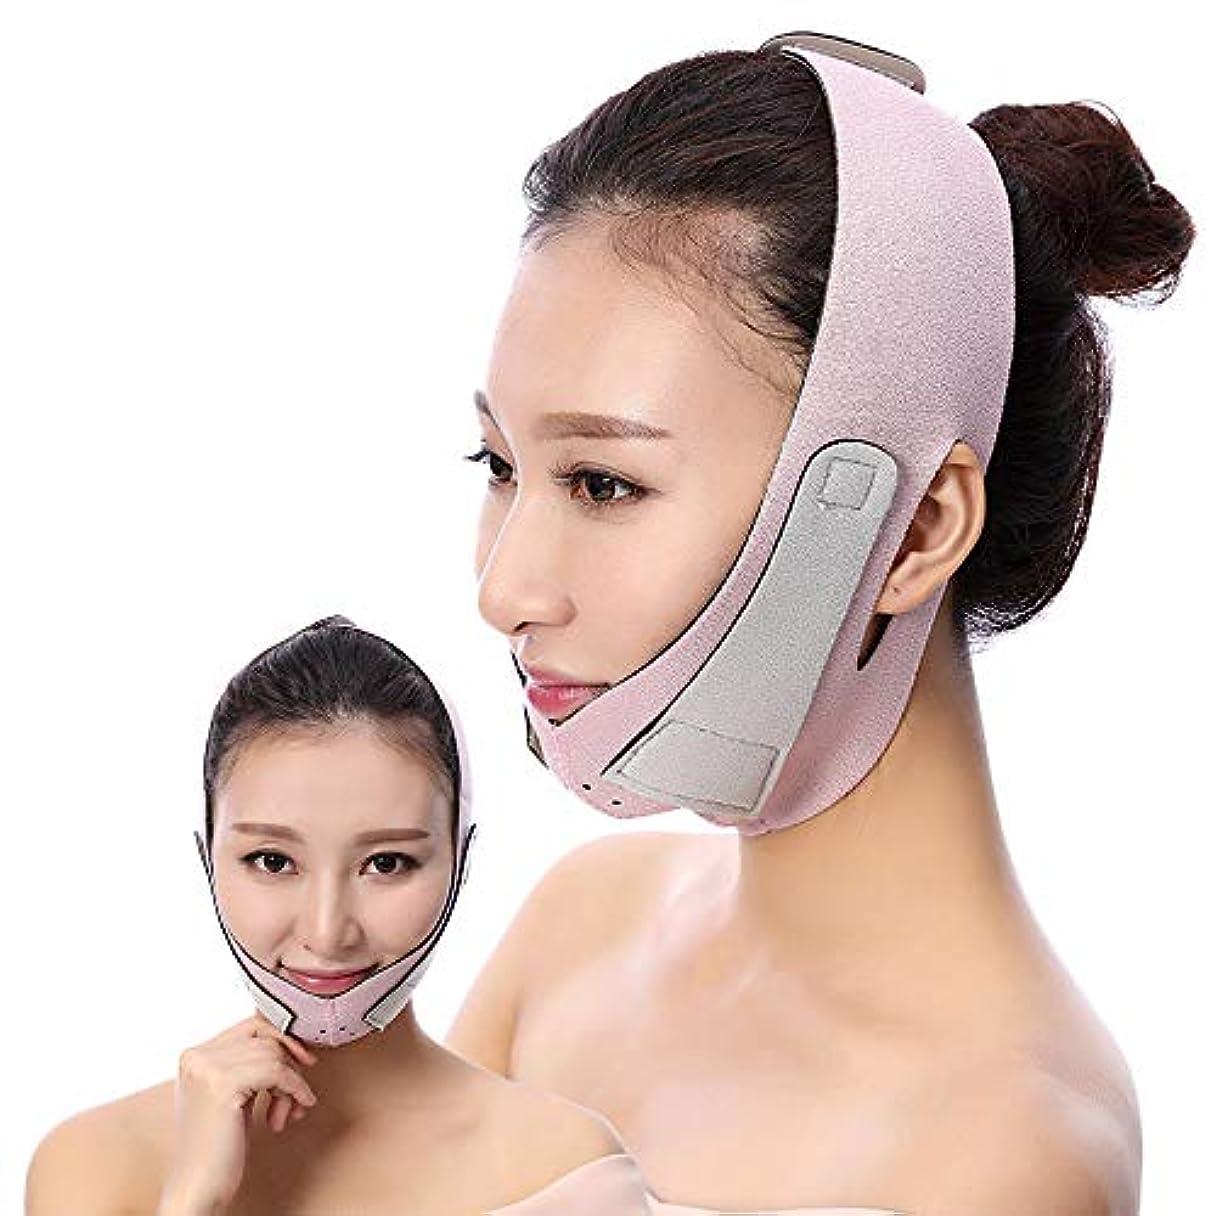 オピエート分離コンピューター顔痩身顎頬ベルトリフトアップアンチしわマスク極薄 V フェイスラインベルトストラップバンド